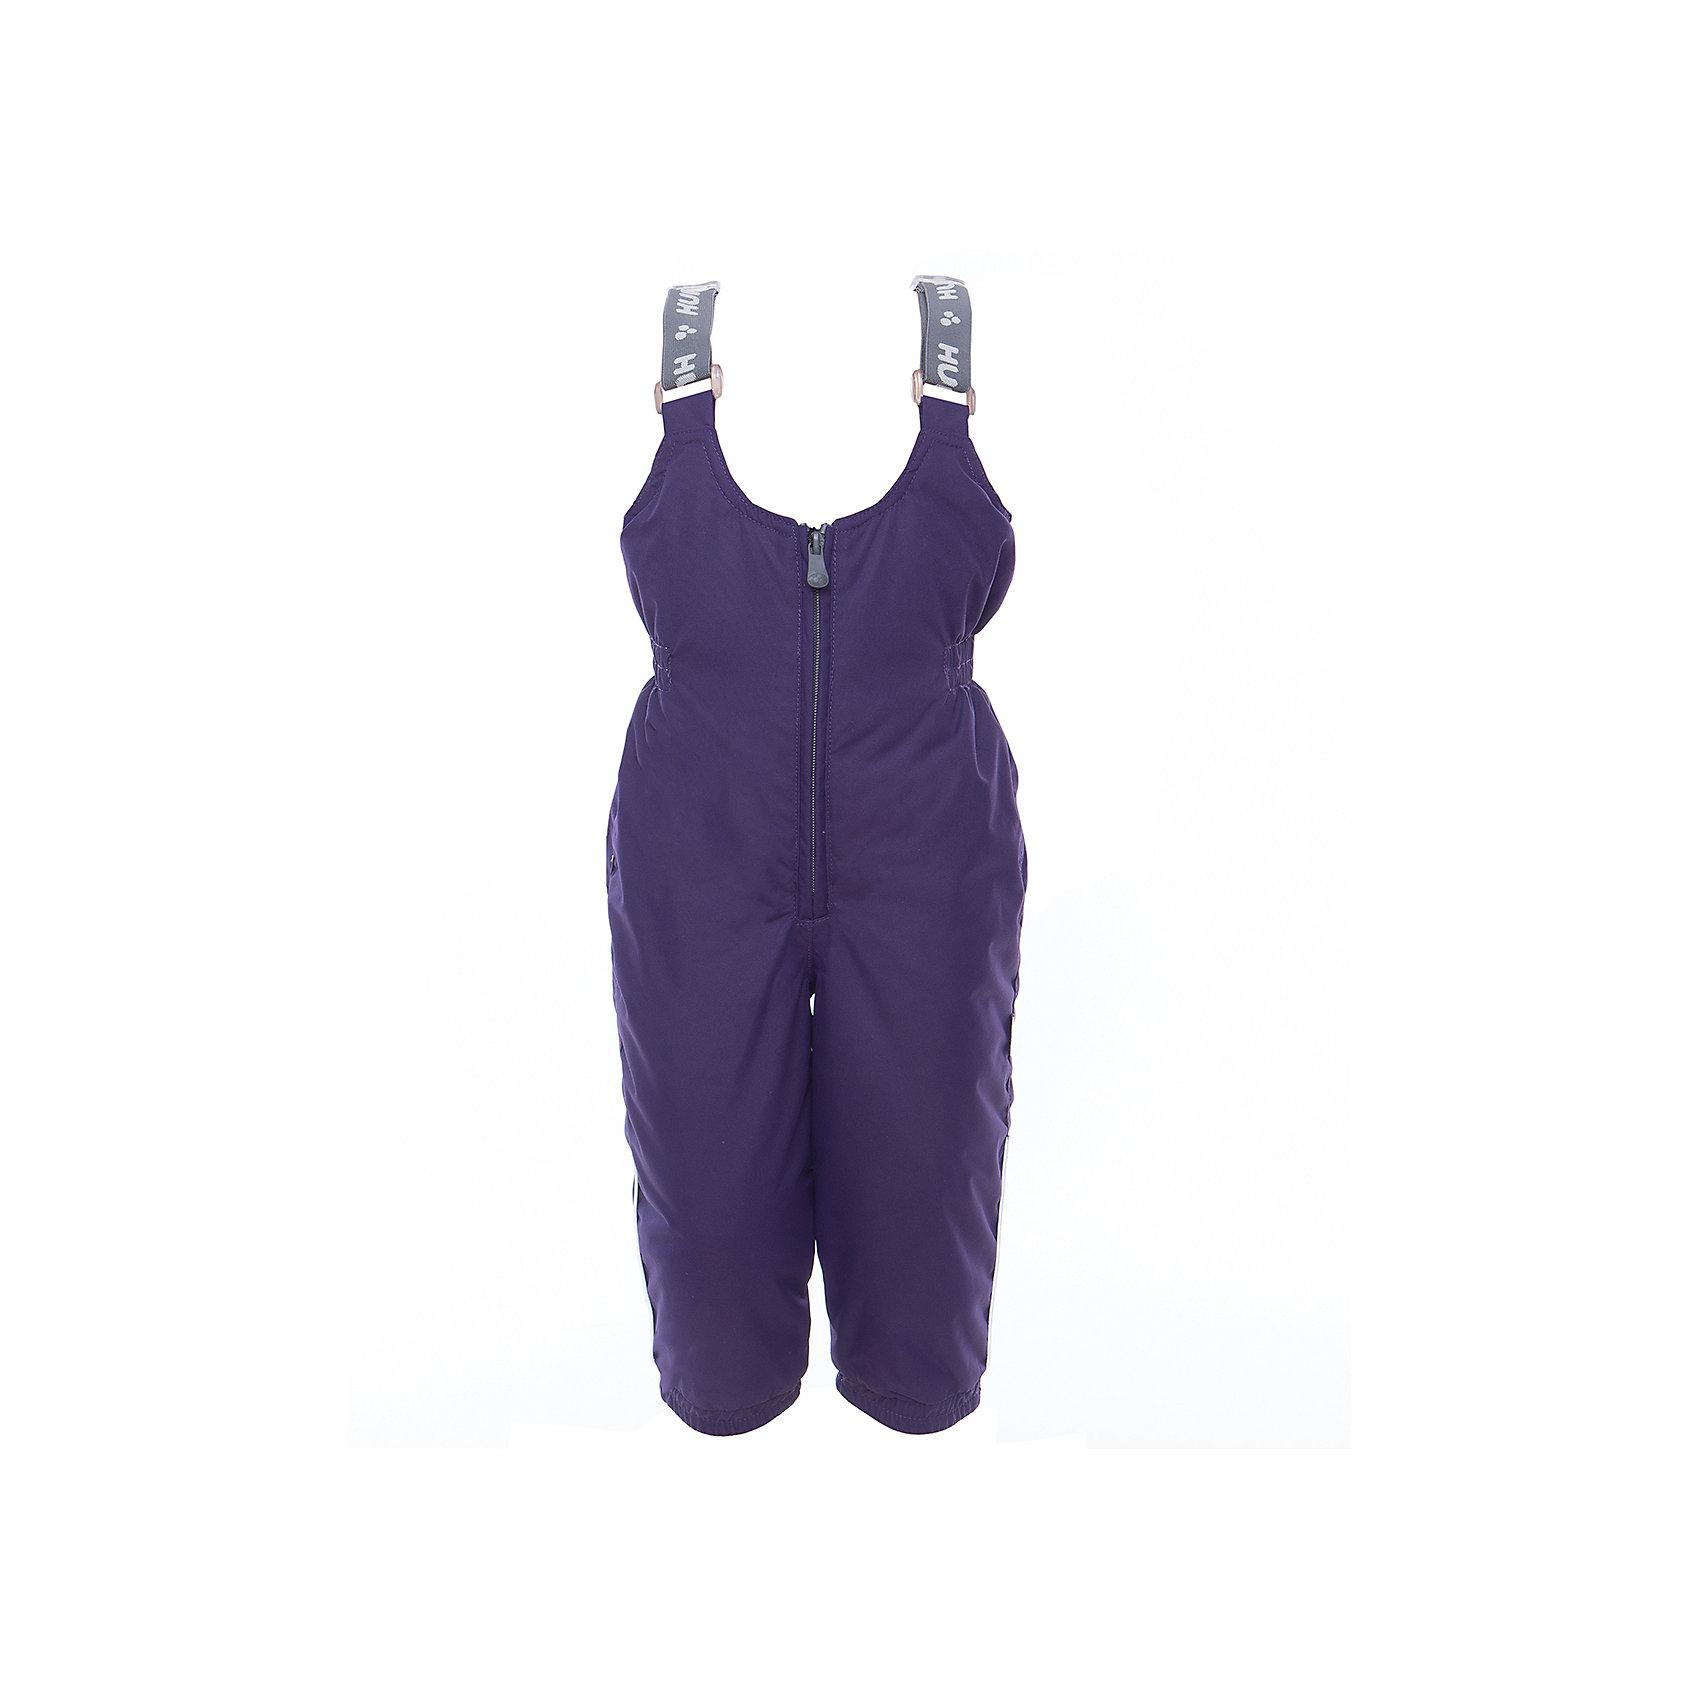 Брюки NEO для девочки HuppaВерхняя одежда<br>Характеристики товара:<br><br>• цвет: тёмно-фиолетовый<br>• ткань: 100% полиэстер<br>• подкладка: тафта - 100% полиэстер<br>• утеплитель: 100% полиэстер 100 г<br>• температурный режим: от -5°С до +10°С<br>• водонепроницаемость: 10000 мм<br>• воздухопроницаемость: 10000 мм<br>• светоотражающие детали<br>• шов сидения проклеен<br>• манжеты брюк с резинкой<br>• съёмные штрипки<br>• без внутренних швов<br>• резиновые подтяжки<br>• комфортная посадка<br>• коллекция: весна-лето 2017<br>• страна бренда: Эстония<br><br>Эти утепленные брюки обеспечат детям тепло и комфорт. Они сделаны из материала, отталкивающего воду, и дополнены подкладкой с утеплителем, поэтому изделие идеально подходит для межсезонья. Материал изделия - с мембранной технологией: защищая от влаги и ветра, он легко выводит лишнюю влагу наружу. Для удобства лямки сделаны регулиющимися, а манжеты - эластичными. Брюки очень симпатично смотрятся. Модель была разработана специально для детей.<br><br>Одежда и обувь от популярного эстонского бренда Huppa - отличный вариант одеть ребенка можно и комфортно. Вещи, выпускаемые компанией, качественные, продуманные и очень удобные. Для производства изделий используются только безопасные для детей материалы. Продукция от Huppa порадует и детей, и их родителей!<br><br>Брюки NEO от бренда Huppa (Хуппа) можно купить в нашем интернет-магазине.<br><br>Ширина мм: 215<br>Глубина мм: 88<br>Высота мм: 191<br>Вес г: 336<br>Цвет: розовый<br>Возраст от месяцев: 12<br>Возраст до месяцев: 15<br>Пол: Женский<br>Возраст: Детский<br>Размер: 80,122,86,92,98,104,110,116<br>SKU: 5347173